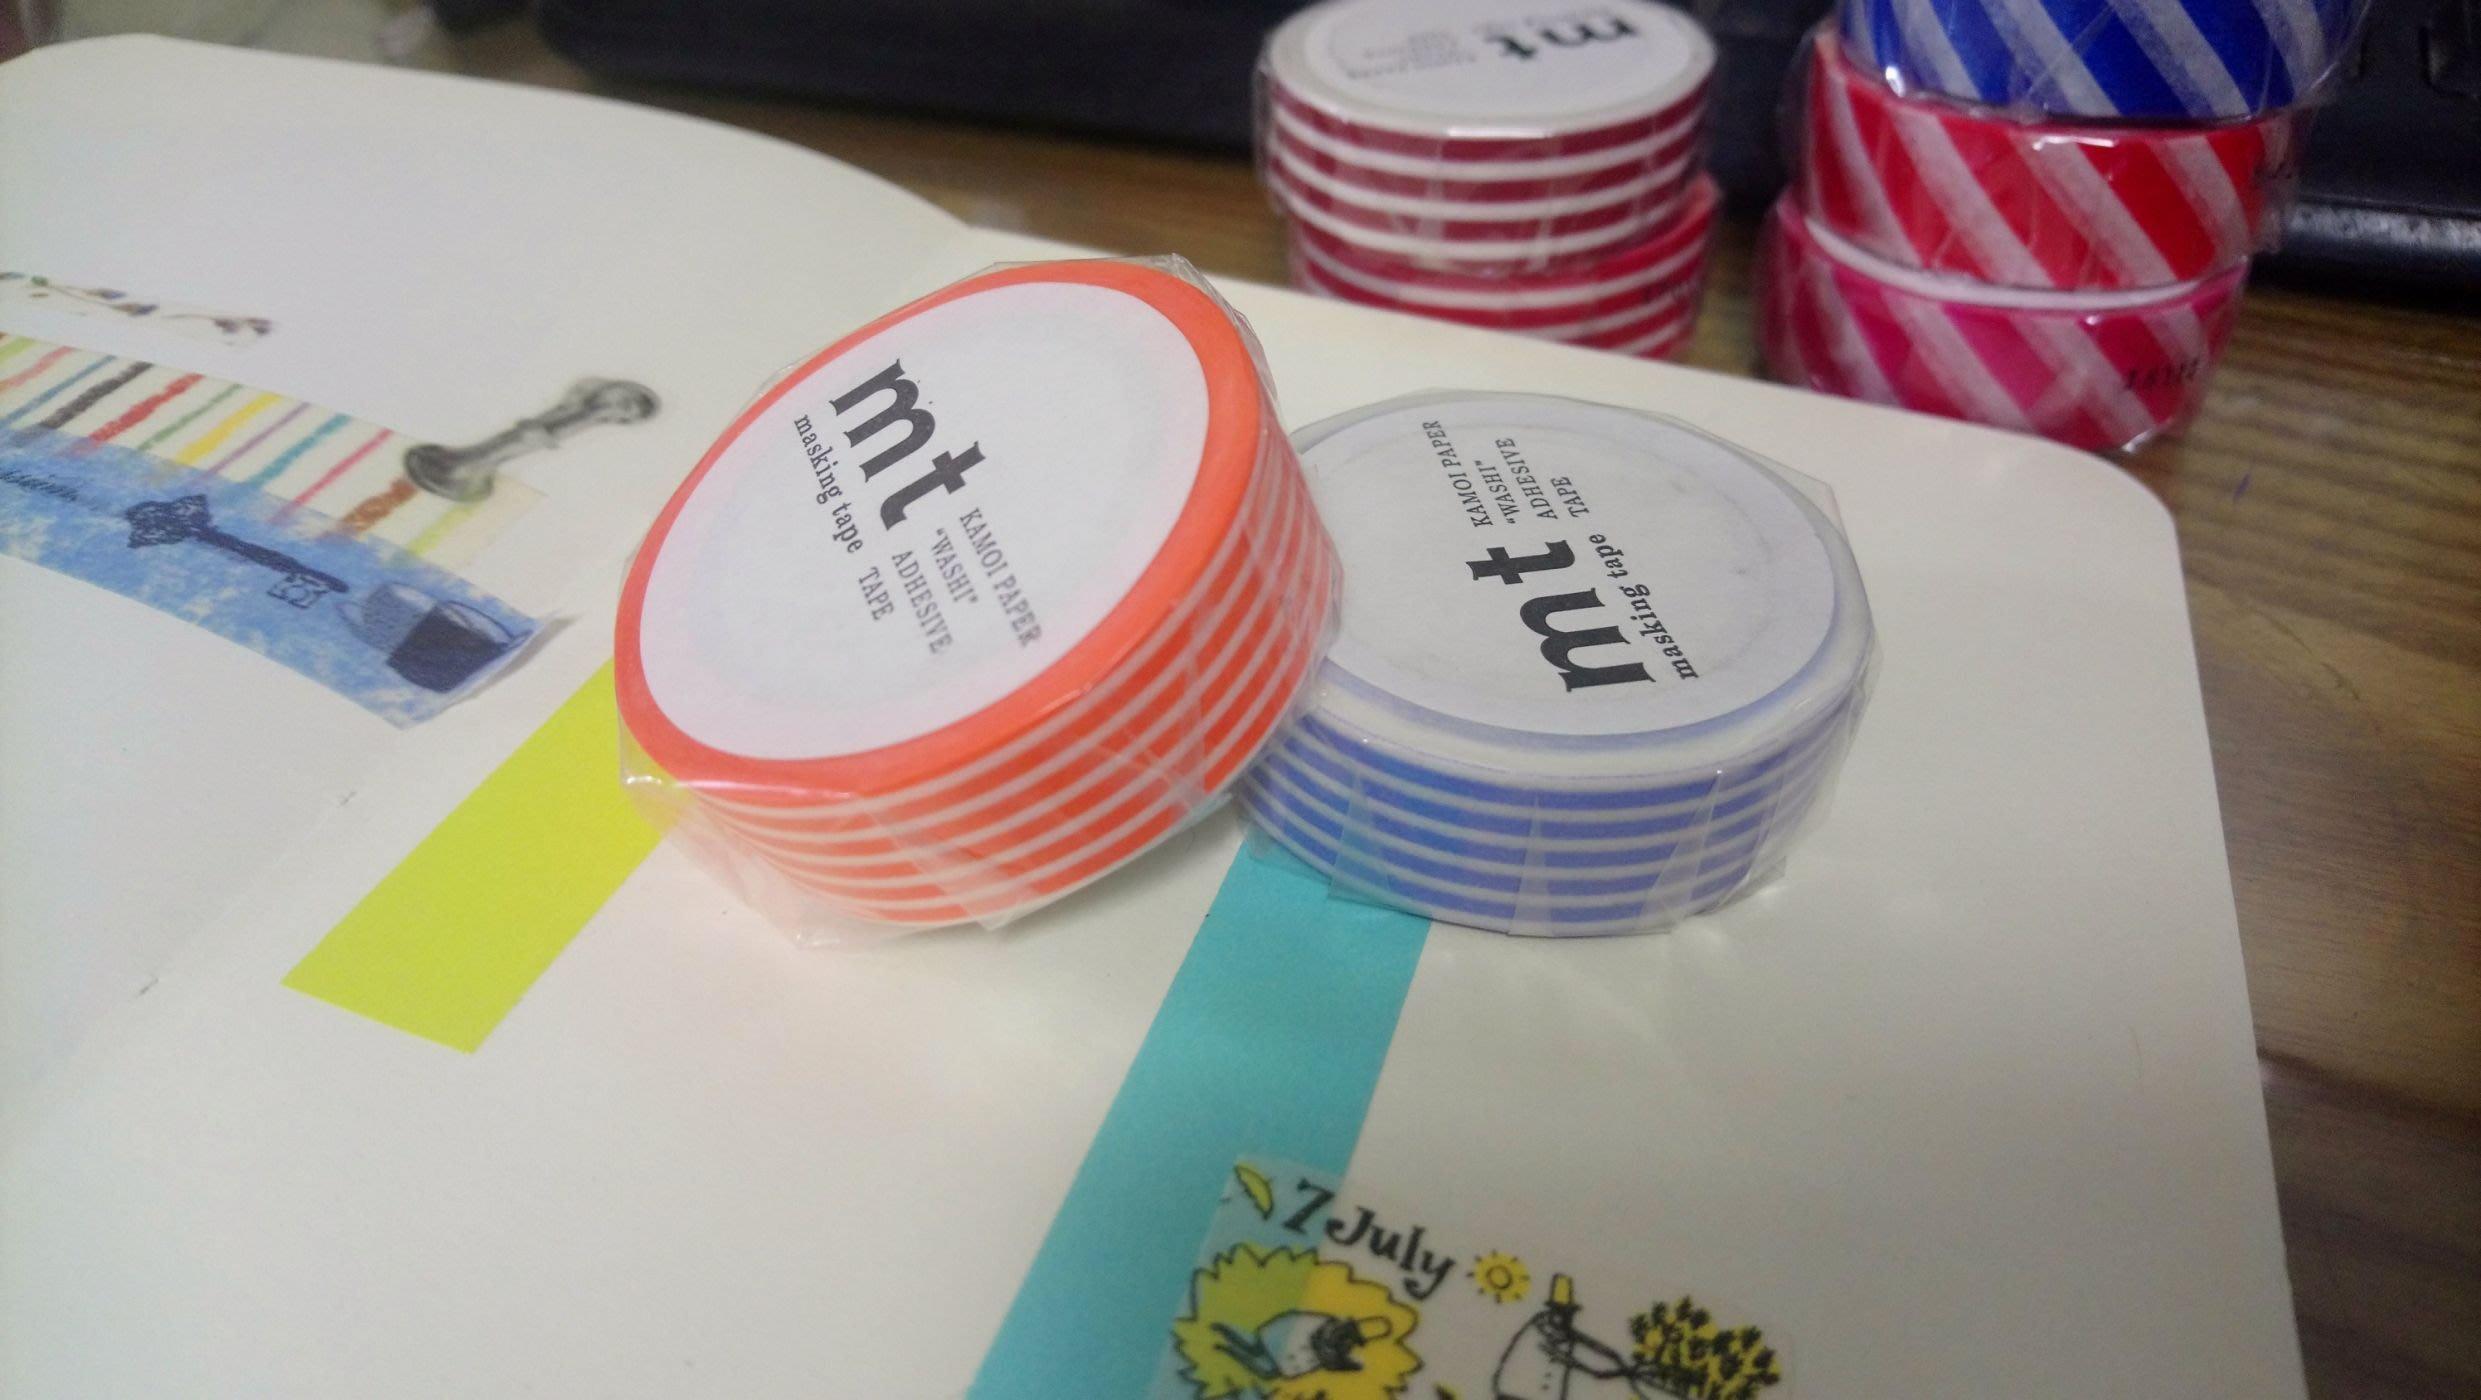 【R的雜貨舖】紙膠帶分裝 日本mt和紙膠帶 基本款 直條紋 亮橘+紫藤